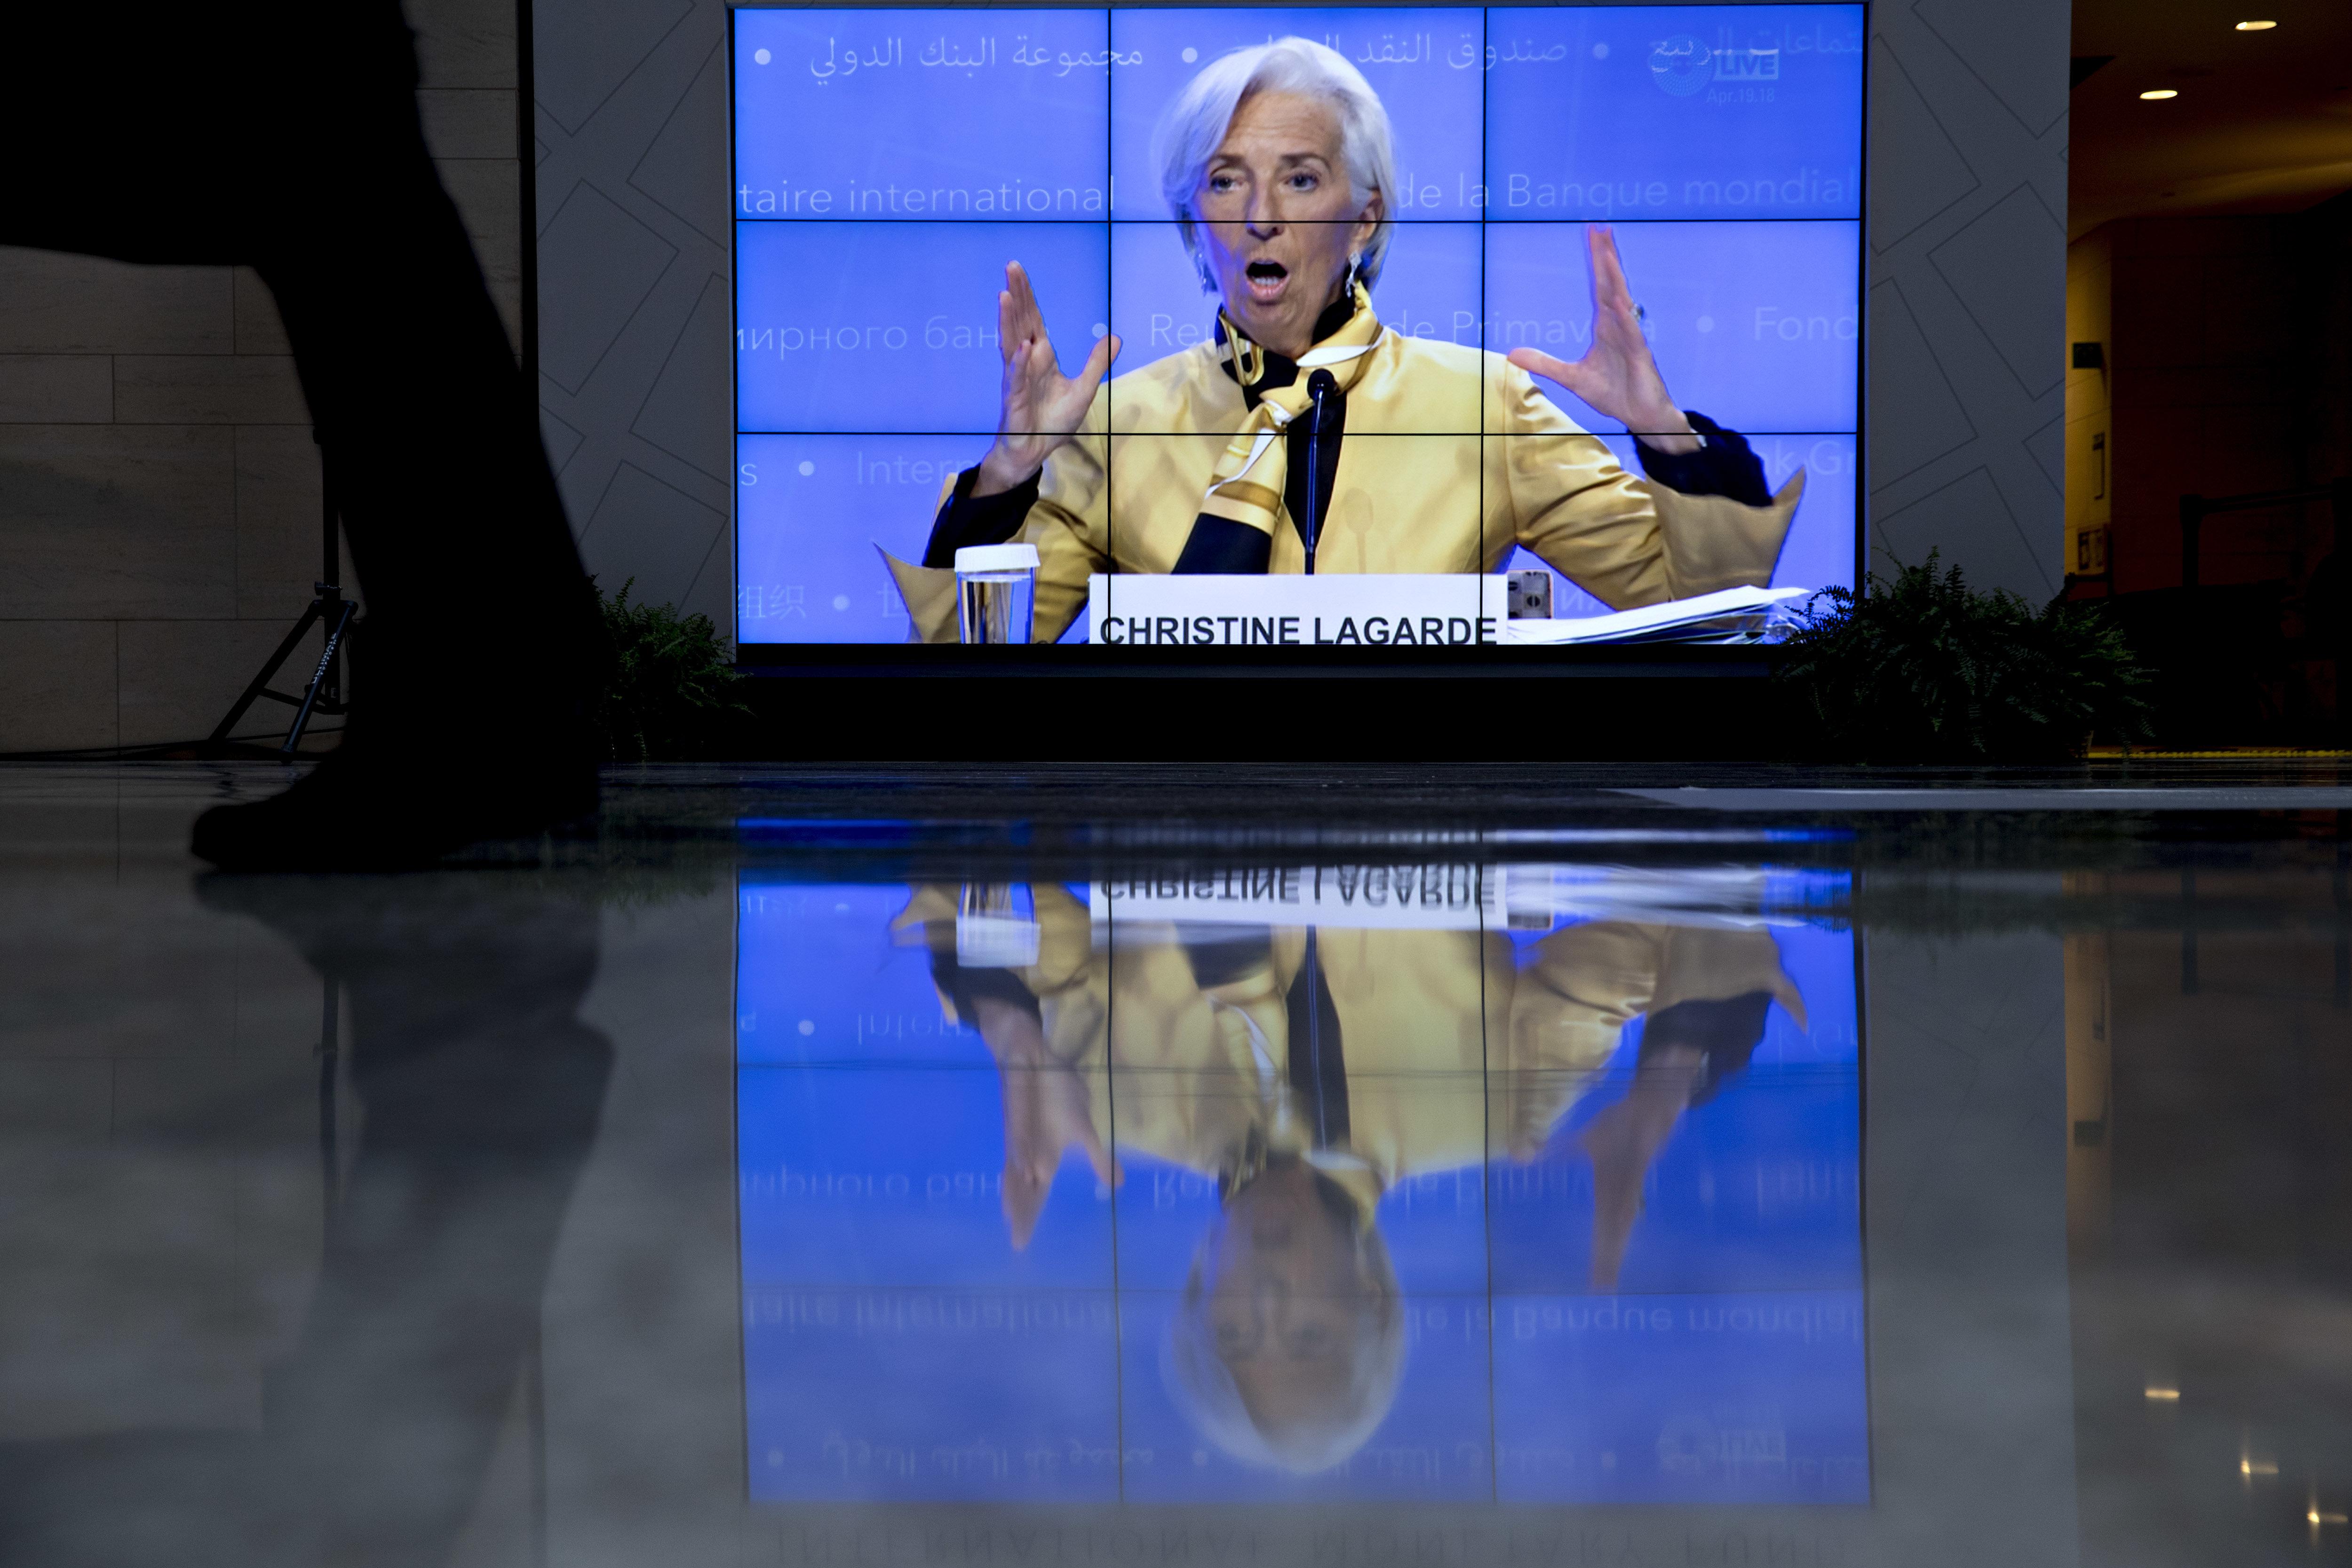 Λαγκάρντ: Οι αγορές δίνουν ψήφο εμπιστοσύνης στην Ελλάδα. Το Ταμείο δεν ζητά πλέον άλλες περικοπές δαπανών από την